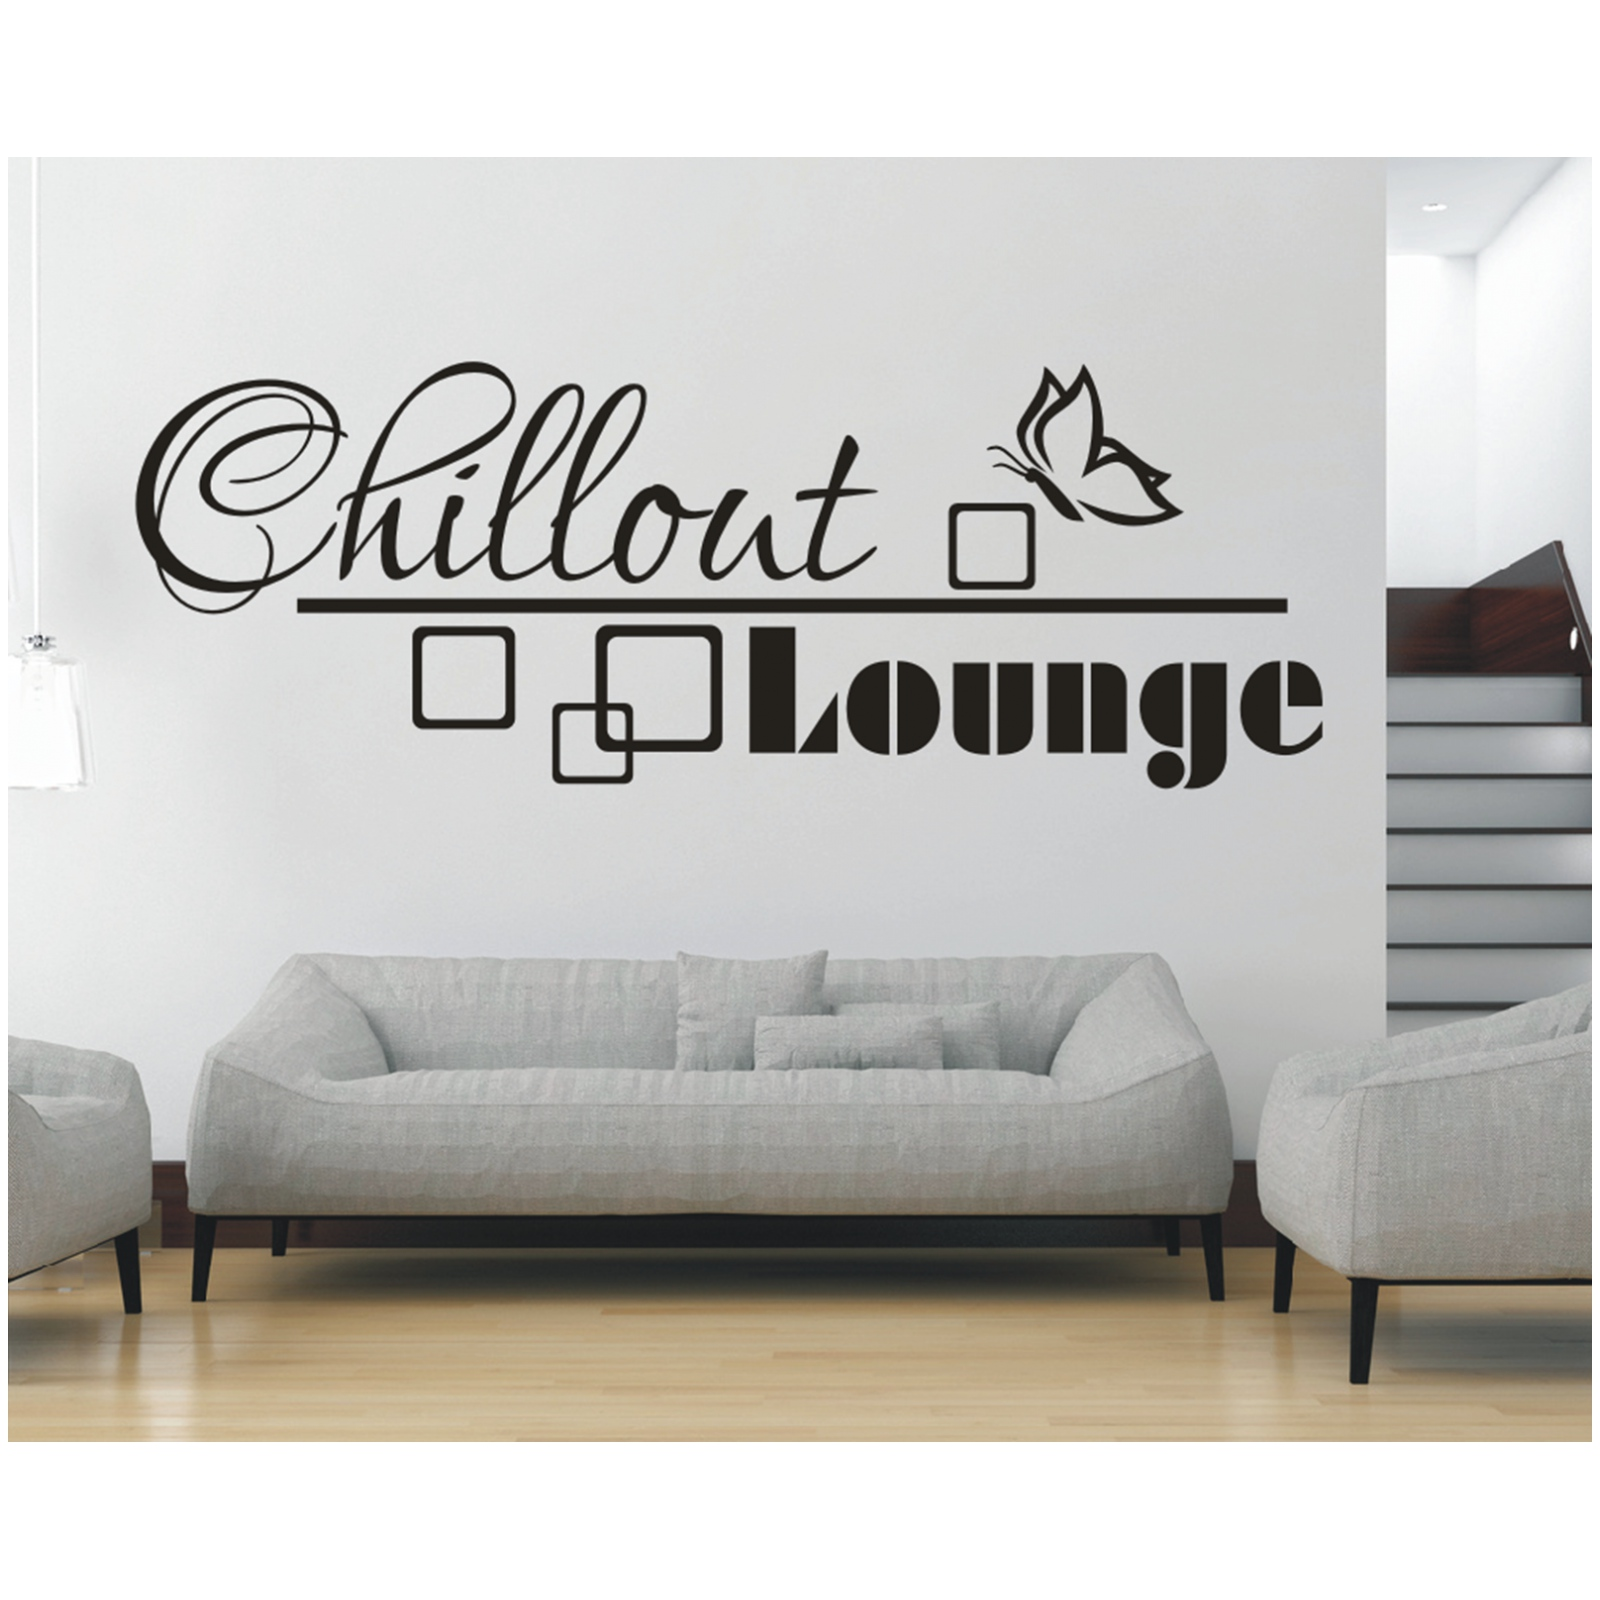 Faszinierend Wandtattos Ideen Von Das Bild Wird Geladen Wandtattoo -spruch-chillout-lounge-retro-sticker-wandaufkleber-wandsticker-